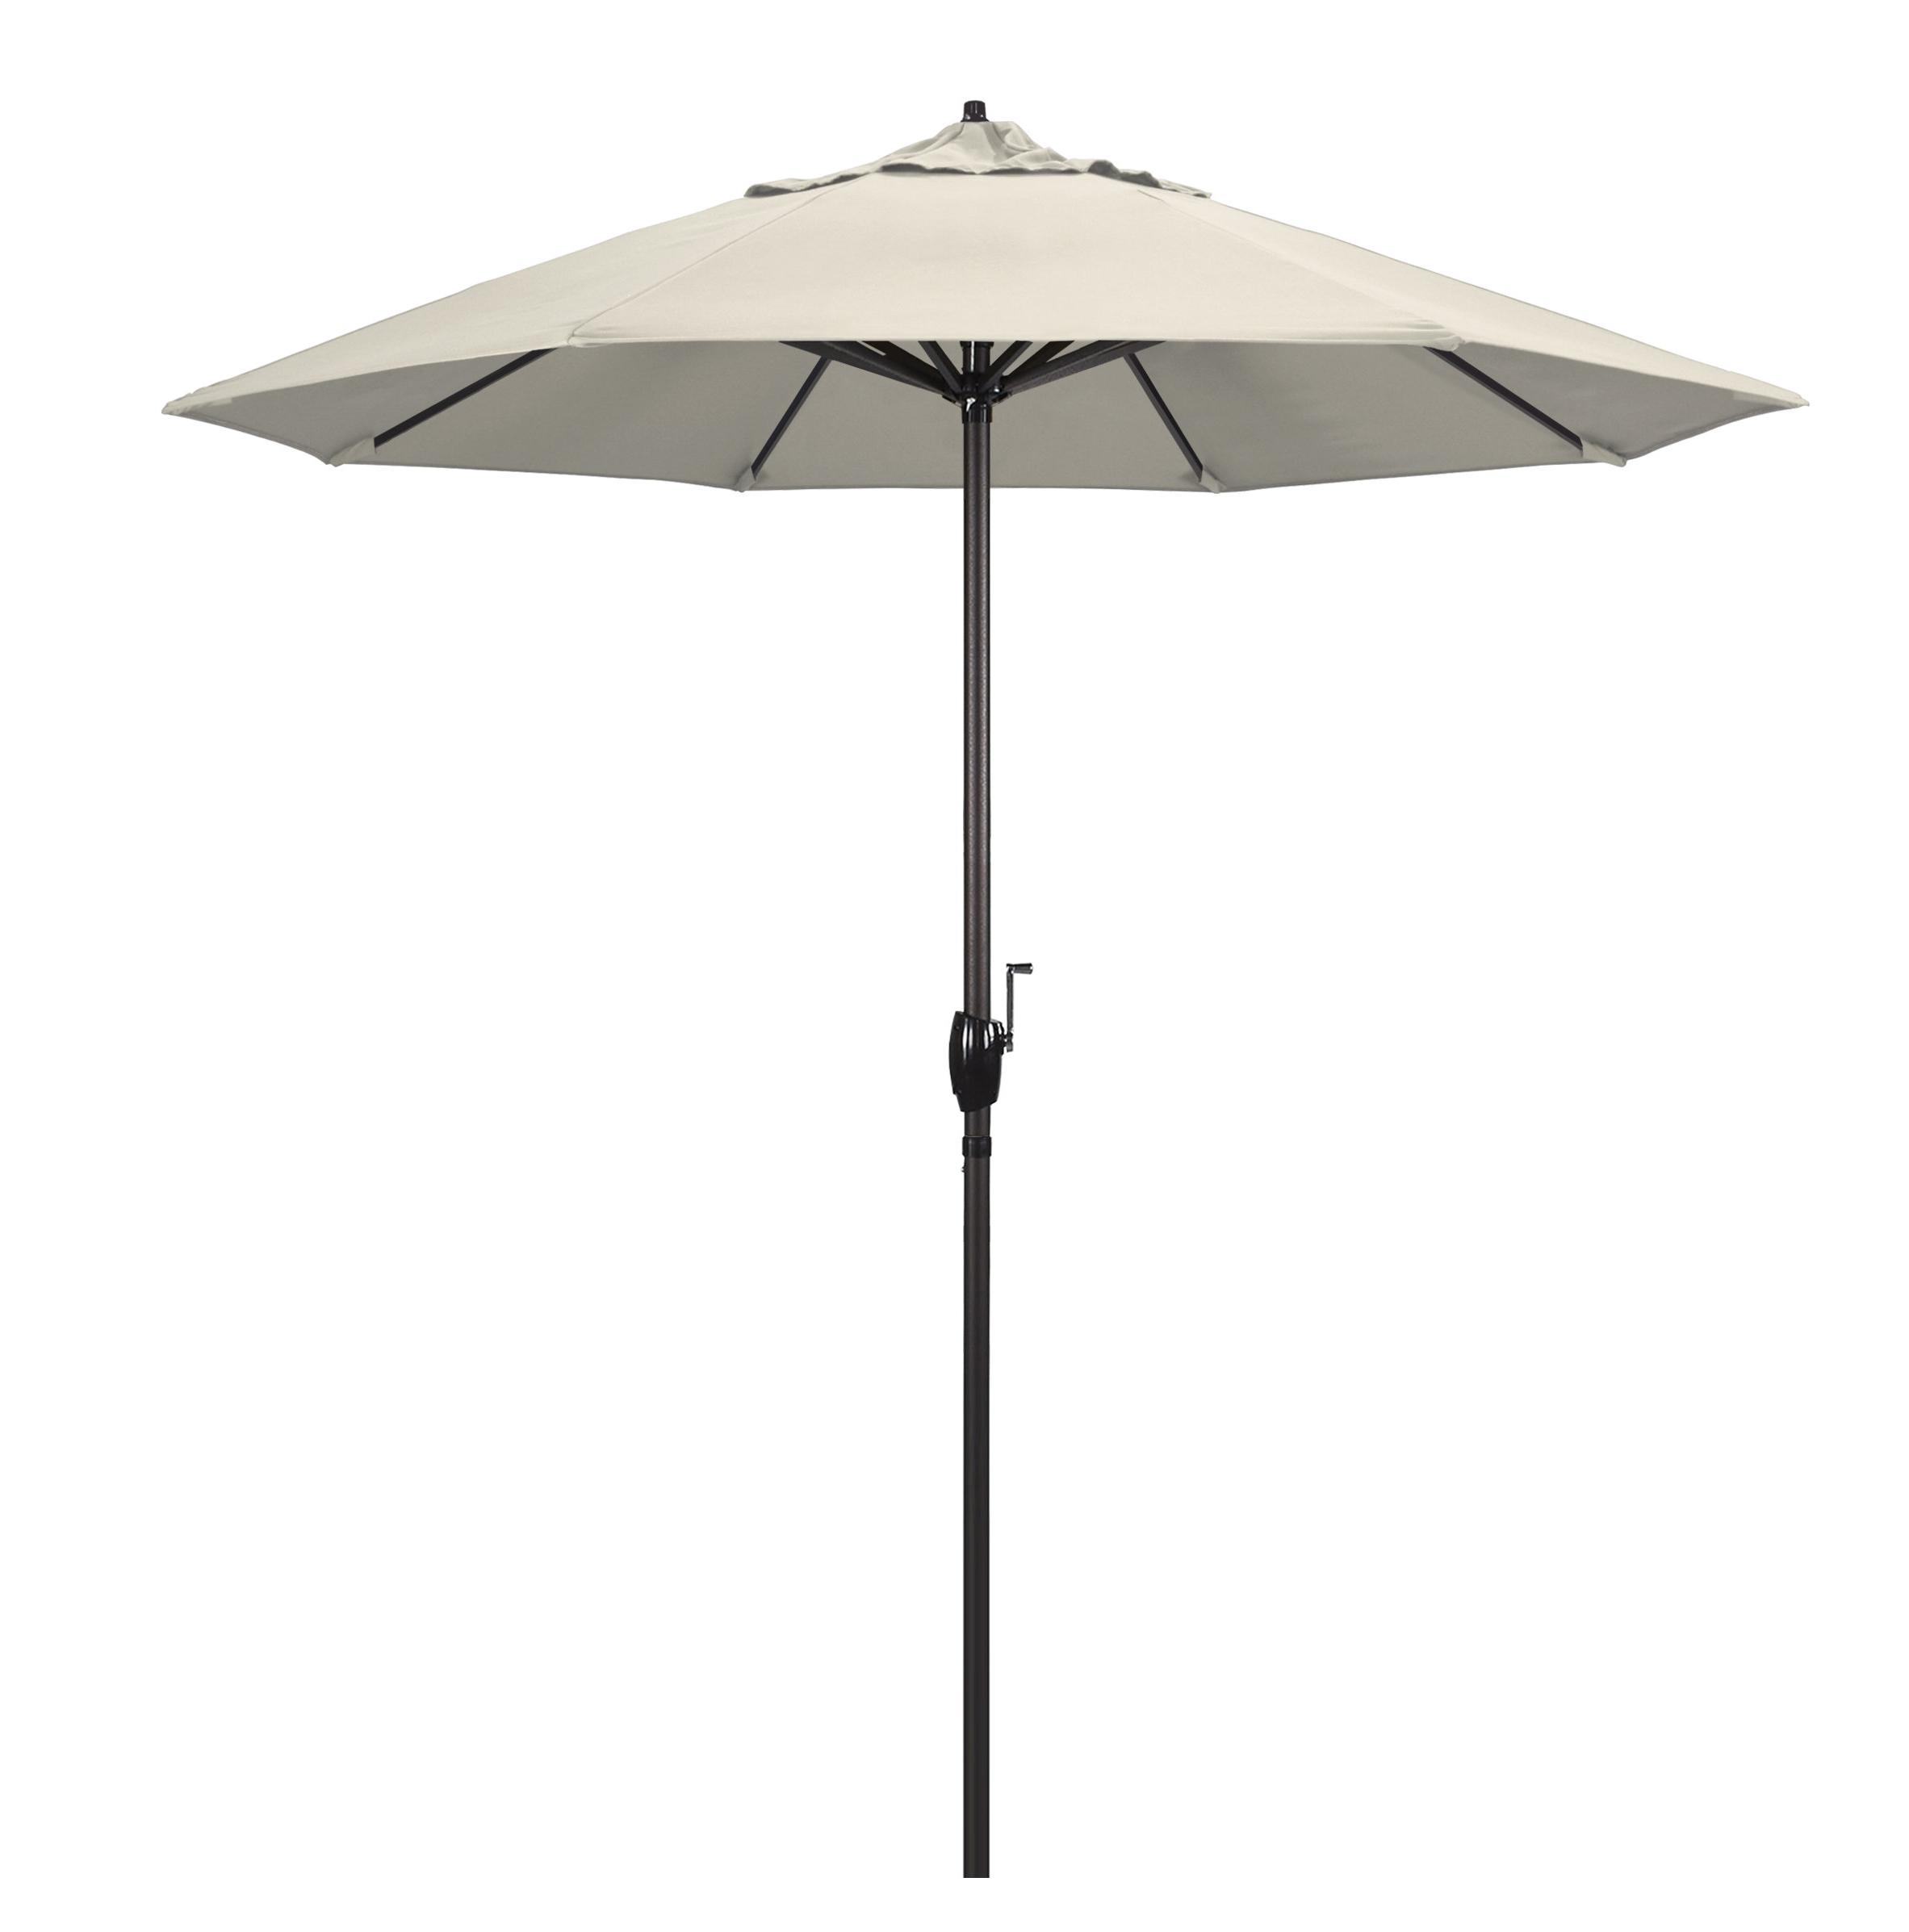 Best And Newest Canora Grey Nunn 8' Market Sunbrella Umbrella Pertaining To Wiechmann Push Tilt Market Sunbrella Umbrellas (View 3 of 20)